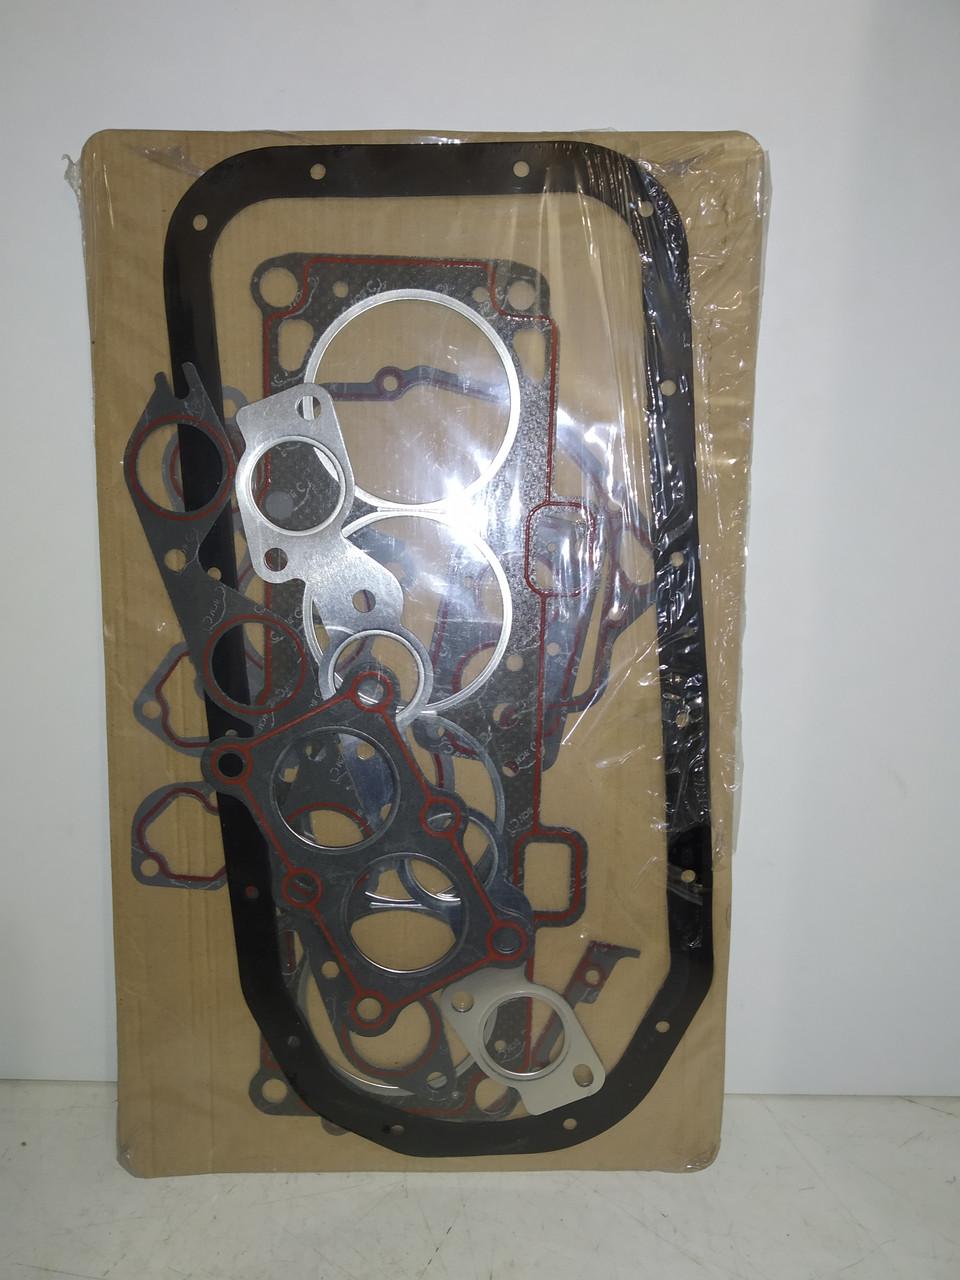 Прокладка двигуна повний комплект ВАЗ 2110,2111,2112 (16 кл) БЦМ